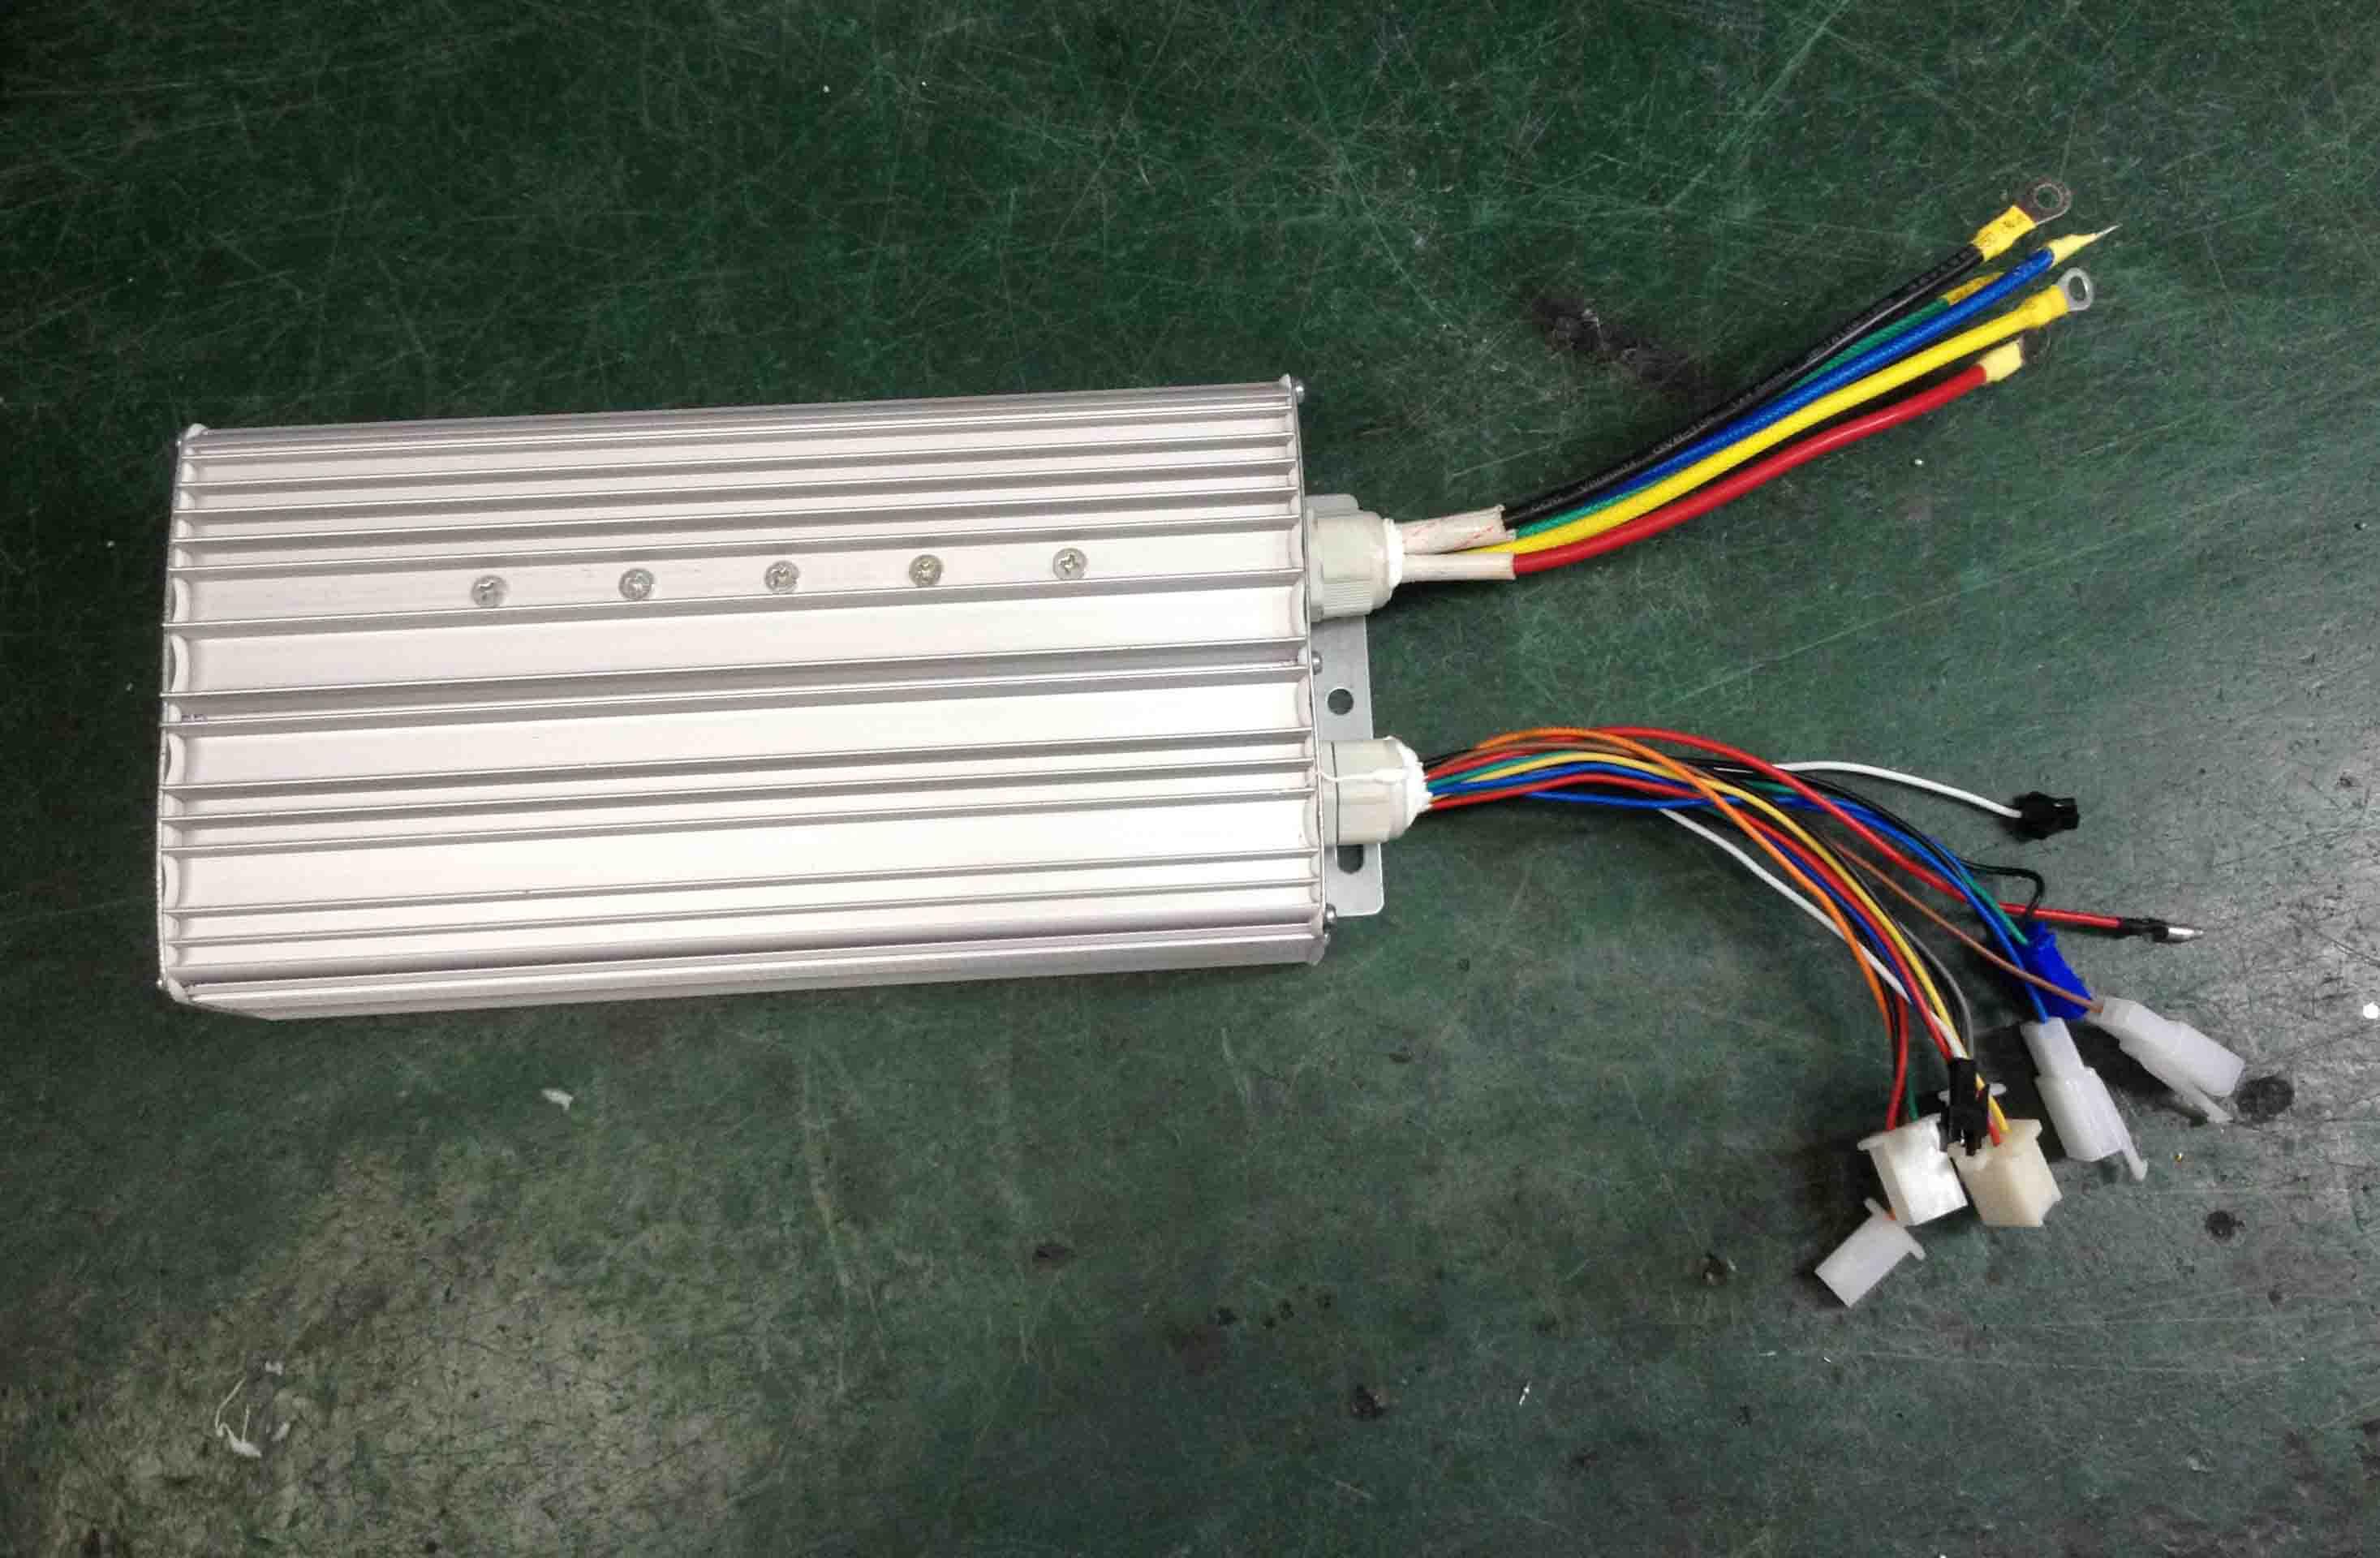 拓邦控制器005 成都电动三轮车配件专卖|成都电动三轮